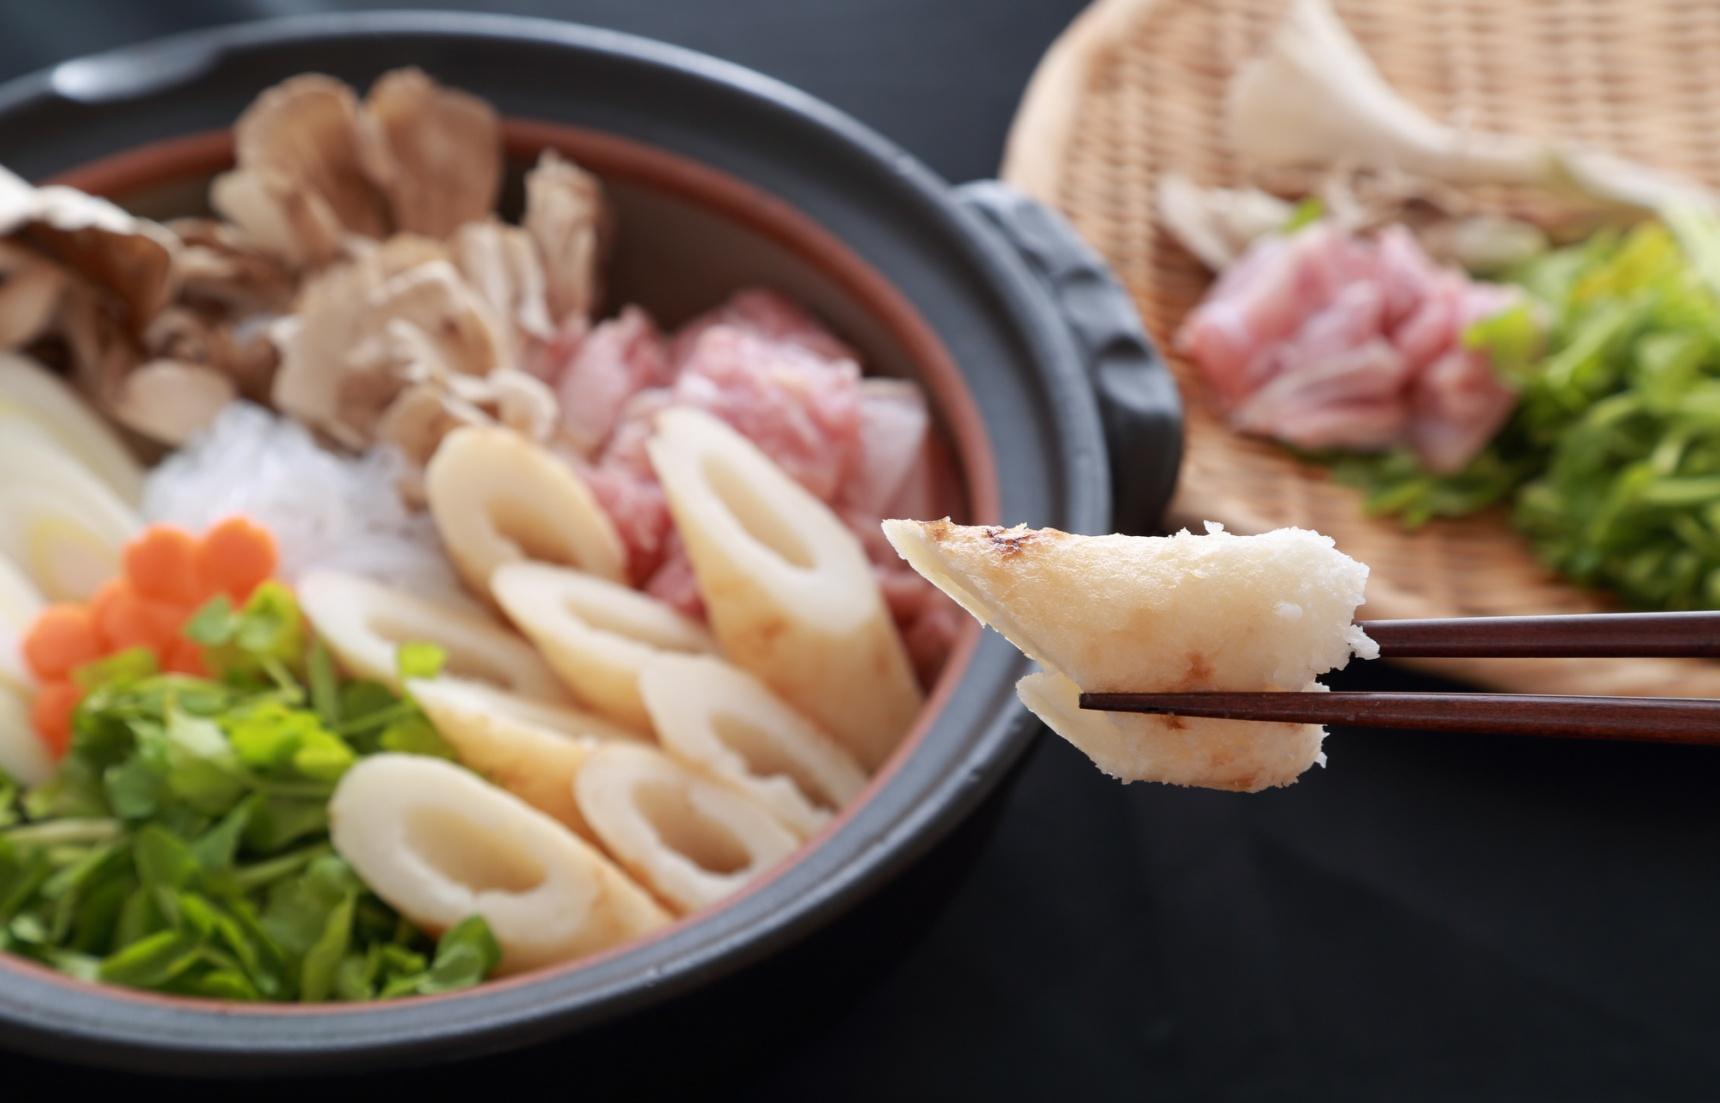 吃货党|当地人强烈推荐的日本东北必吃乡土料理